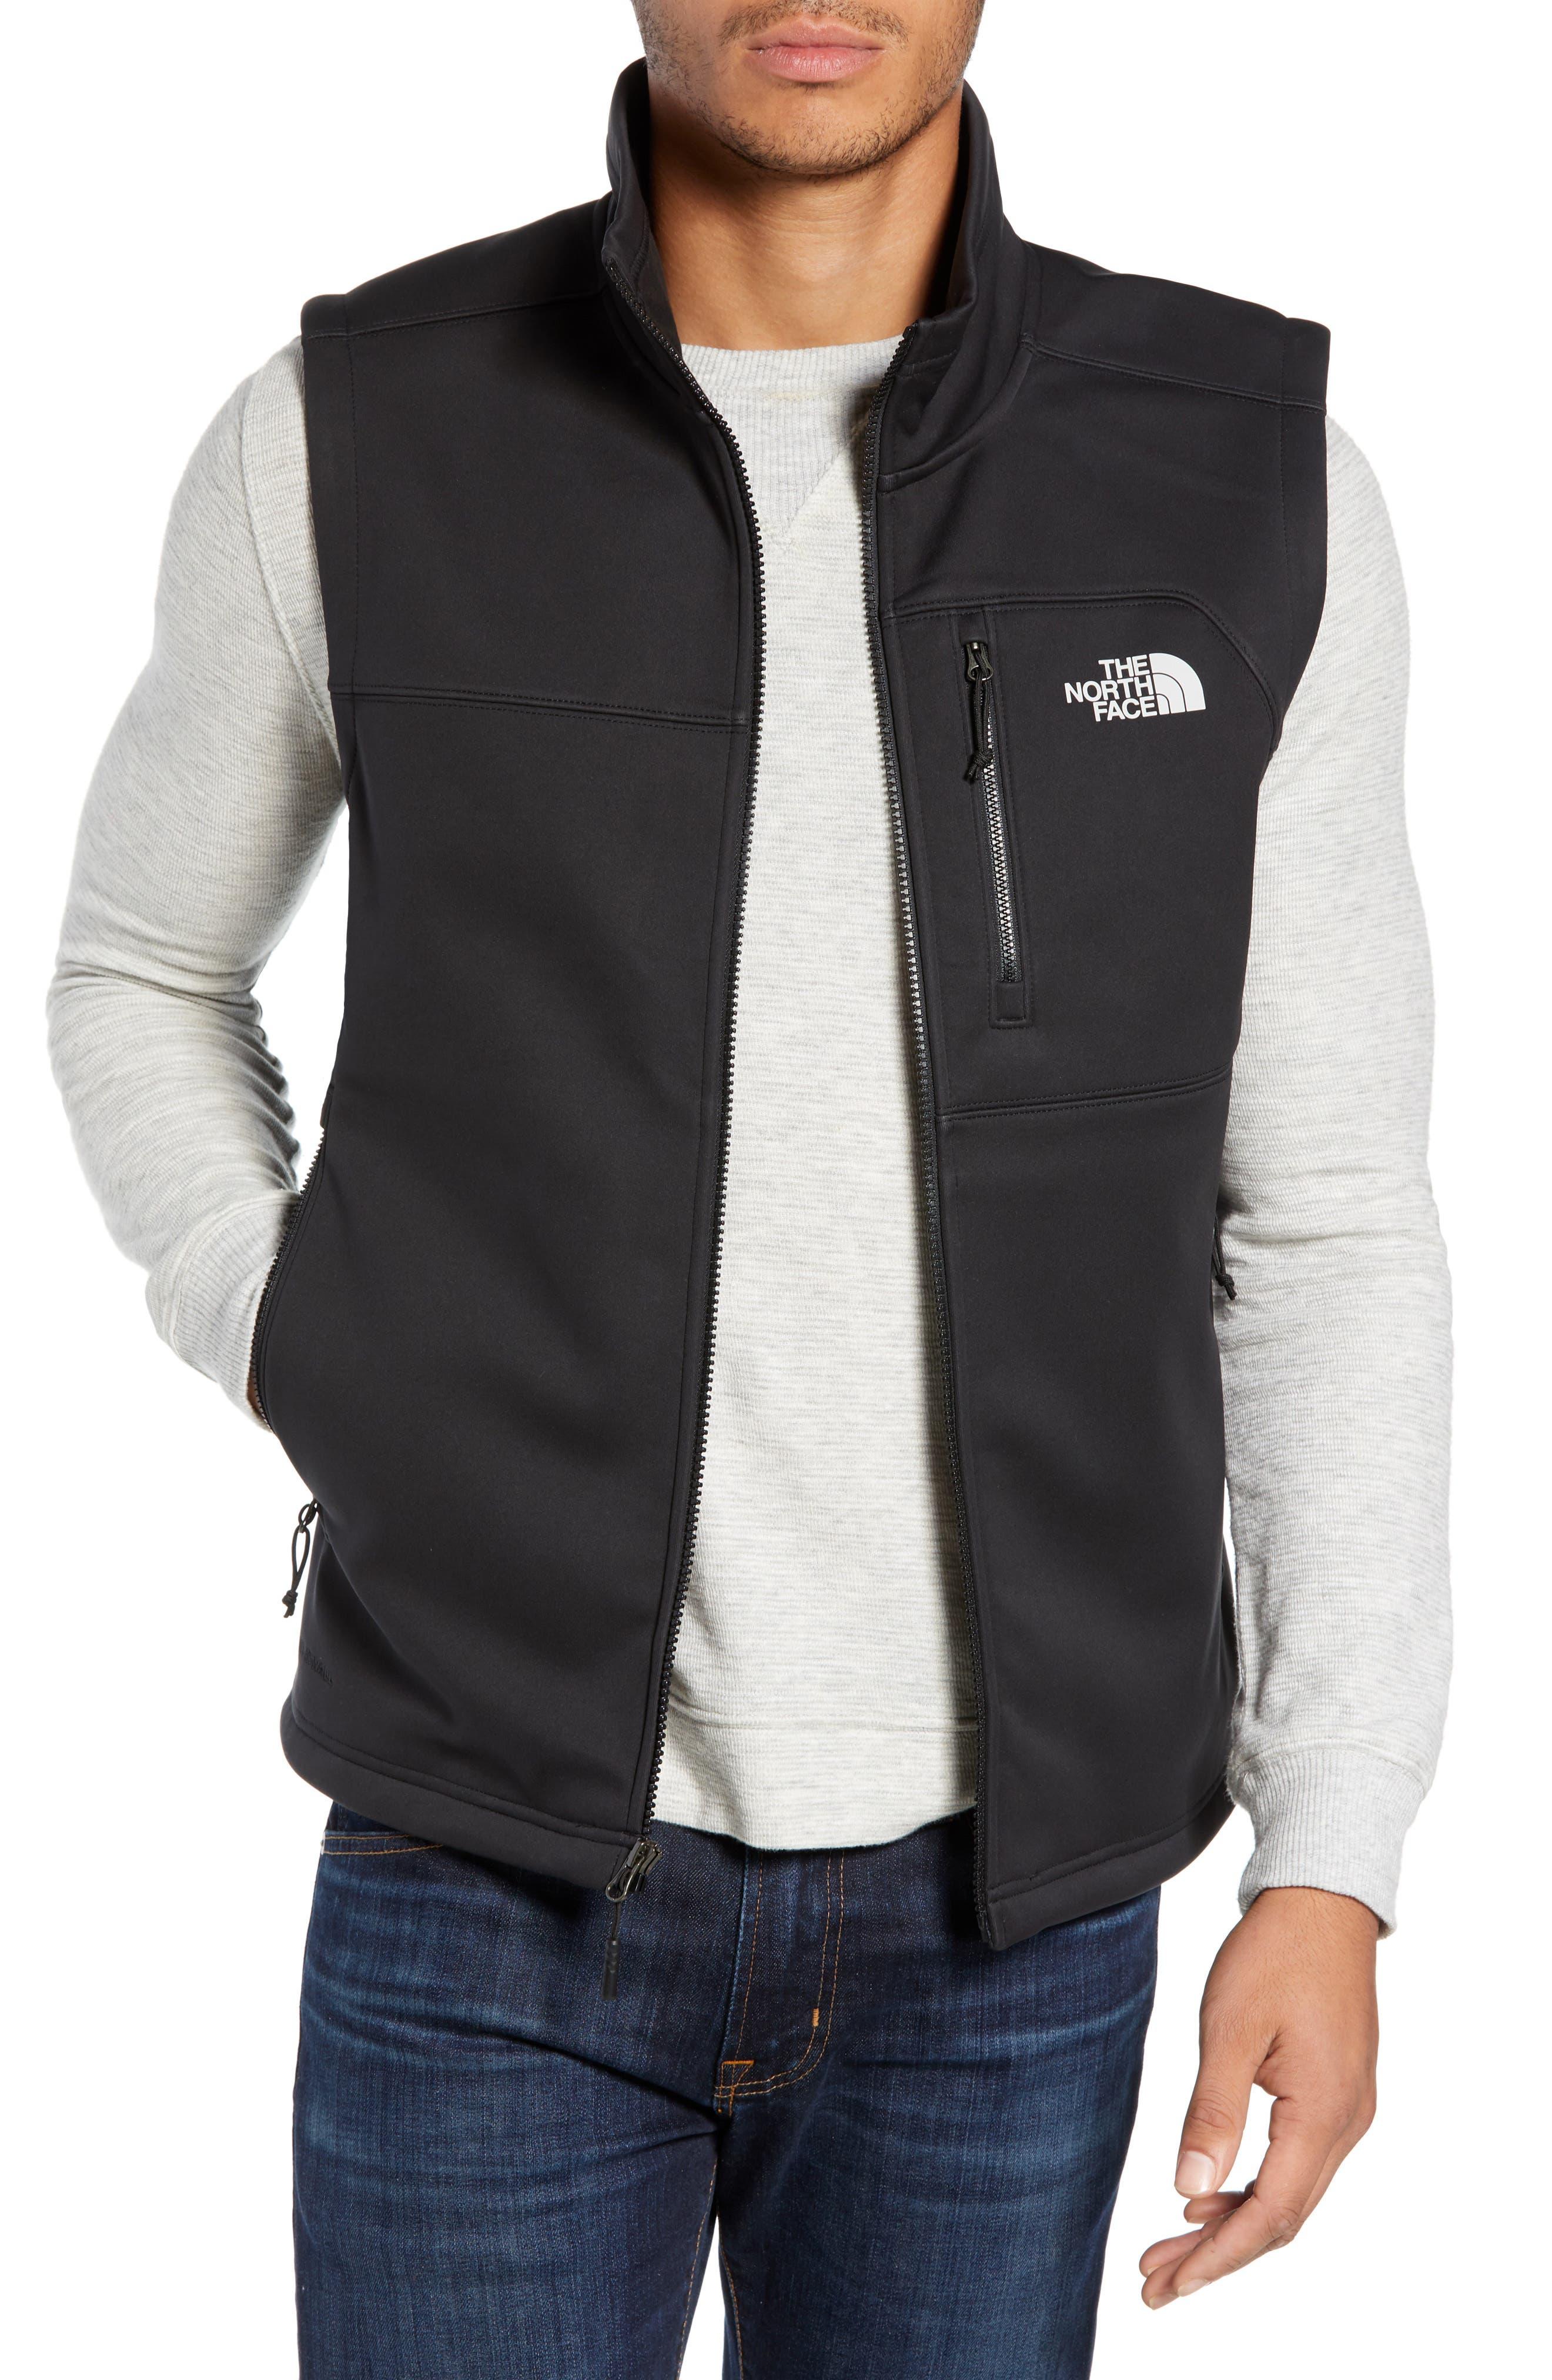 Apex Risor Vest,                             Main thumbnail 1, color,                             TNF BLACK/ TNF BLACK